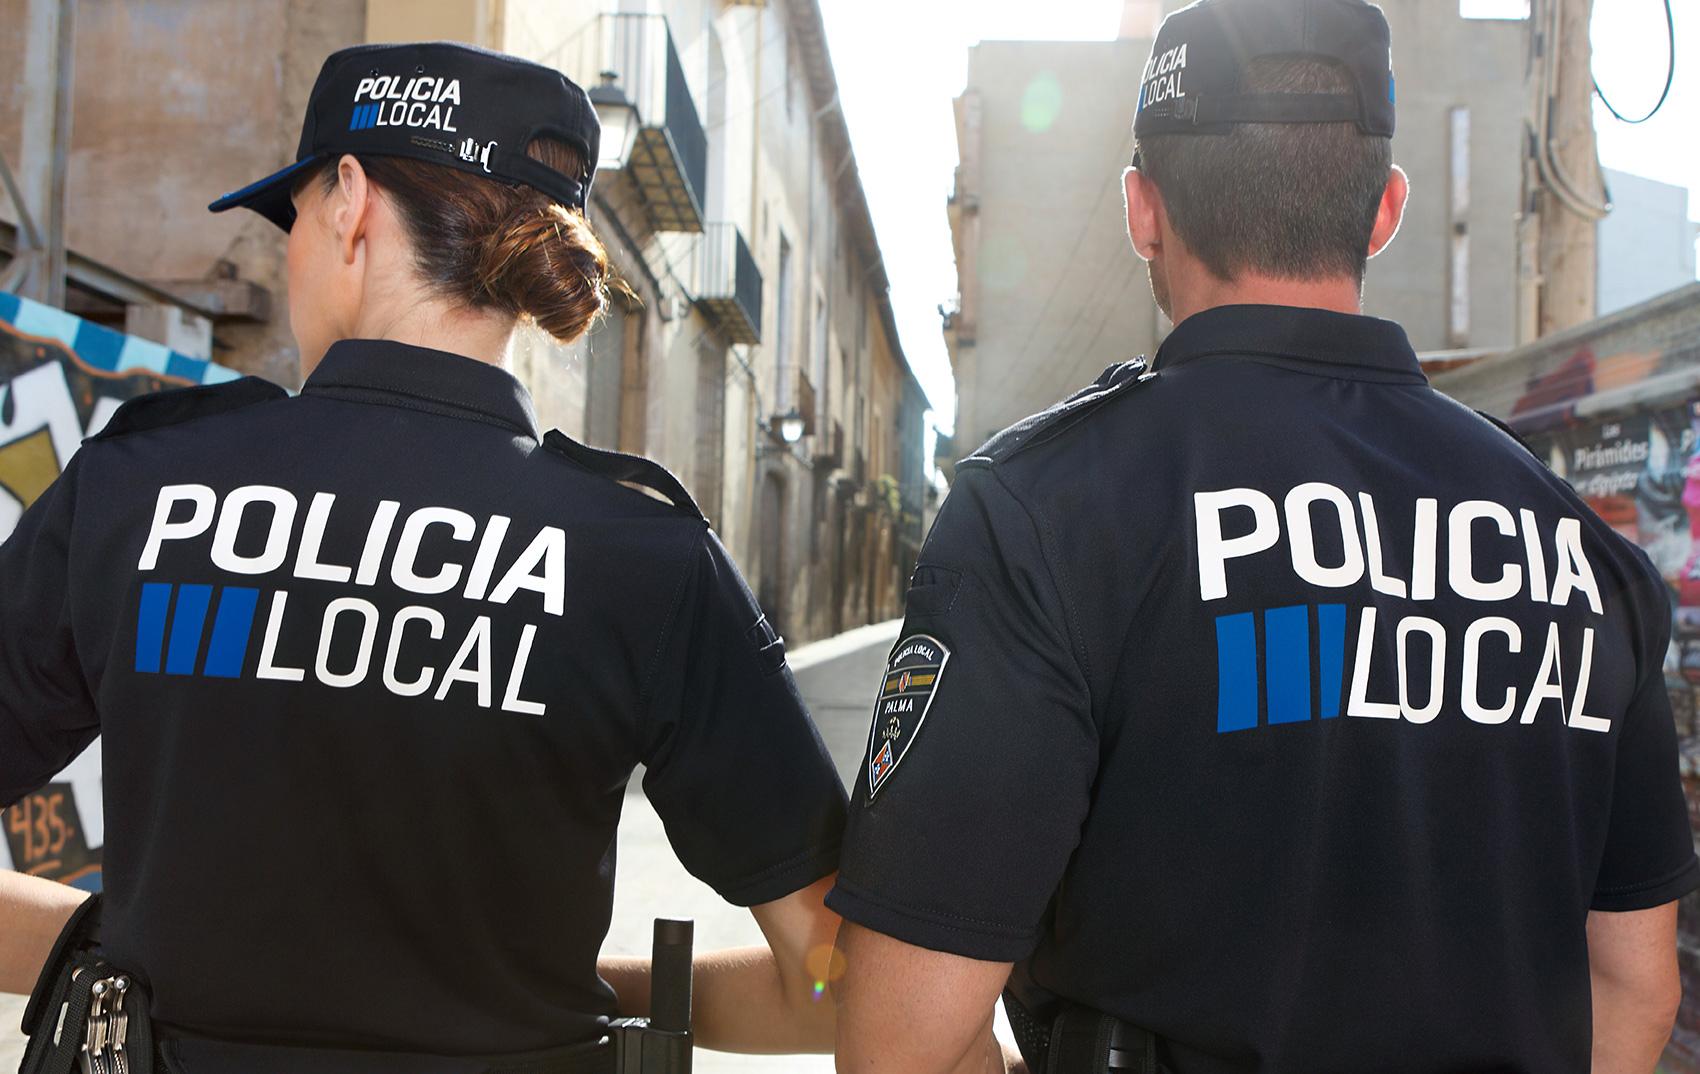 Abierto el plazo para presentar solicitudes a Policía Local ‼️